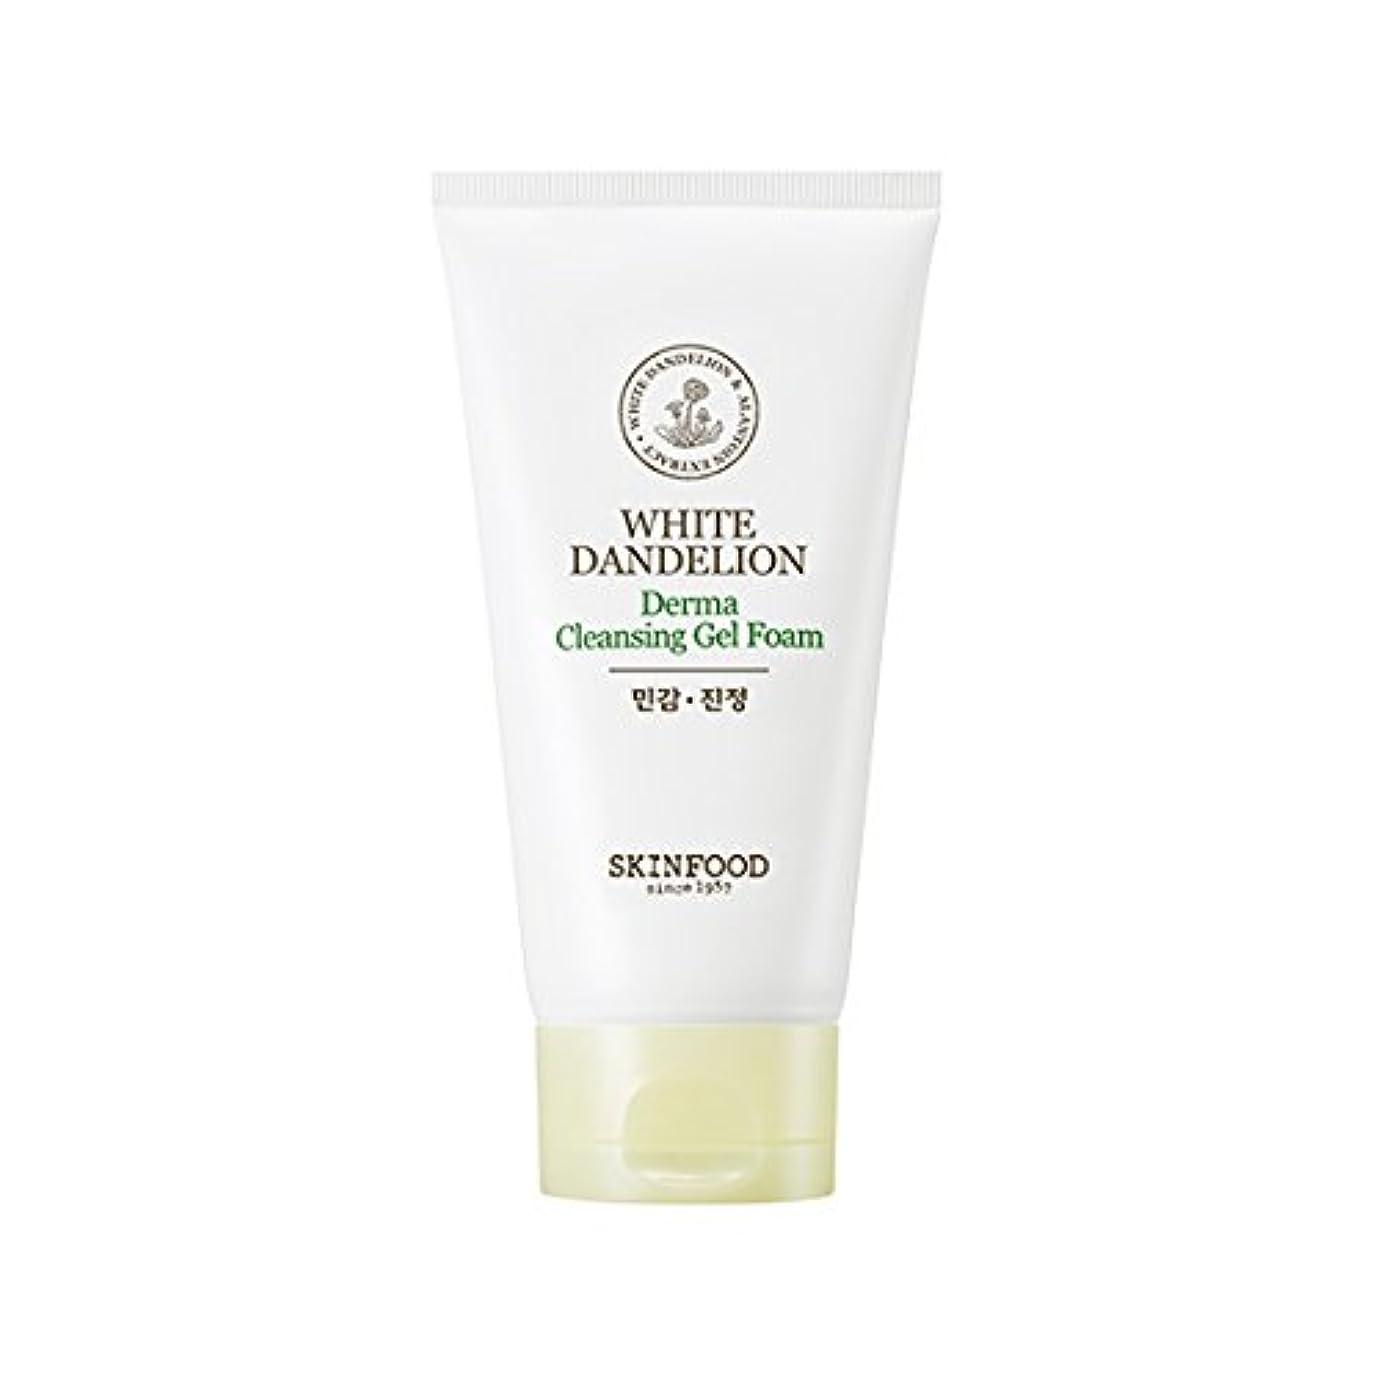 単独でエチケット弱点Skinfood/White Dandelion Derma Cleansing Gel Foam/ホワイトタンポポダーマクレンジングジェルフォーム/150ml [並行輸入品]